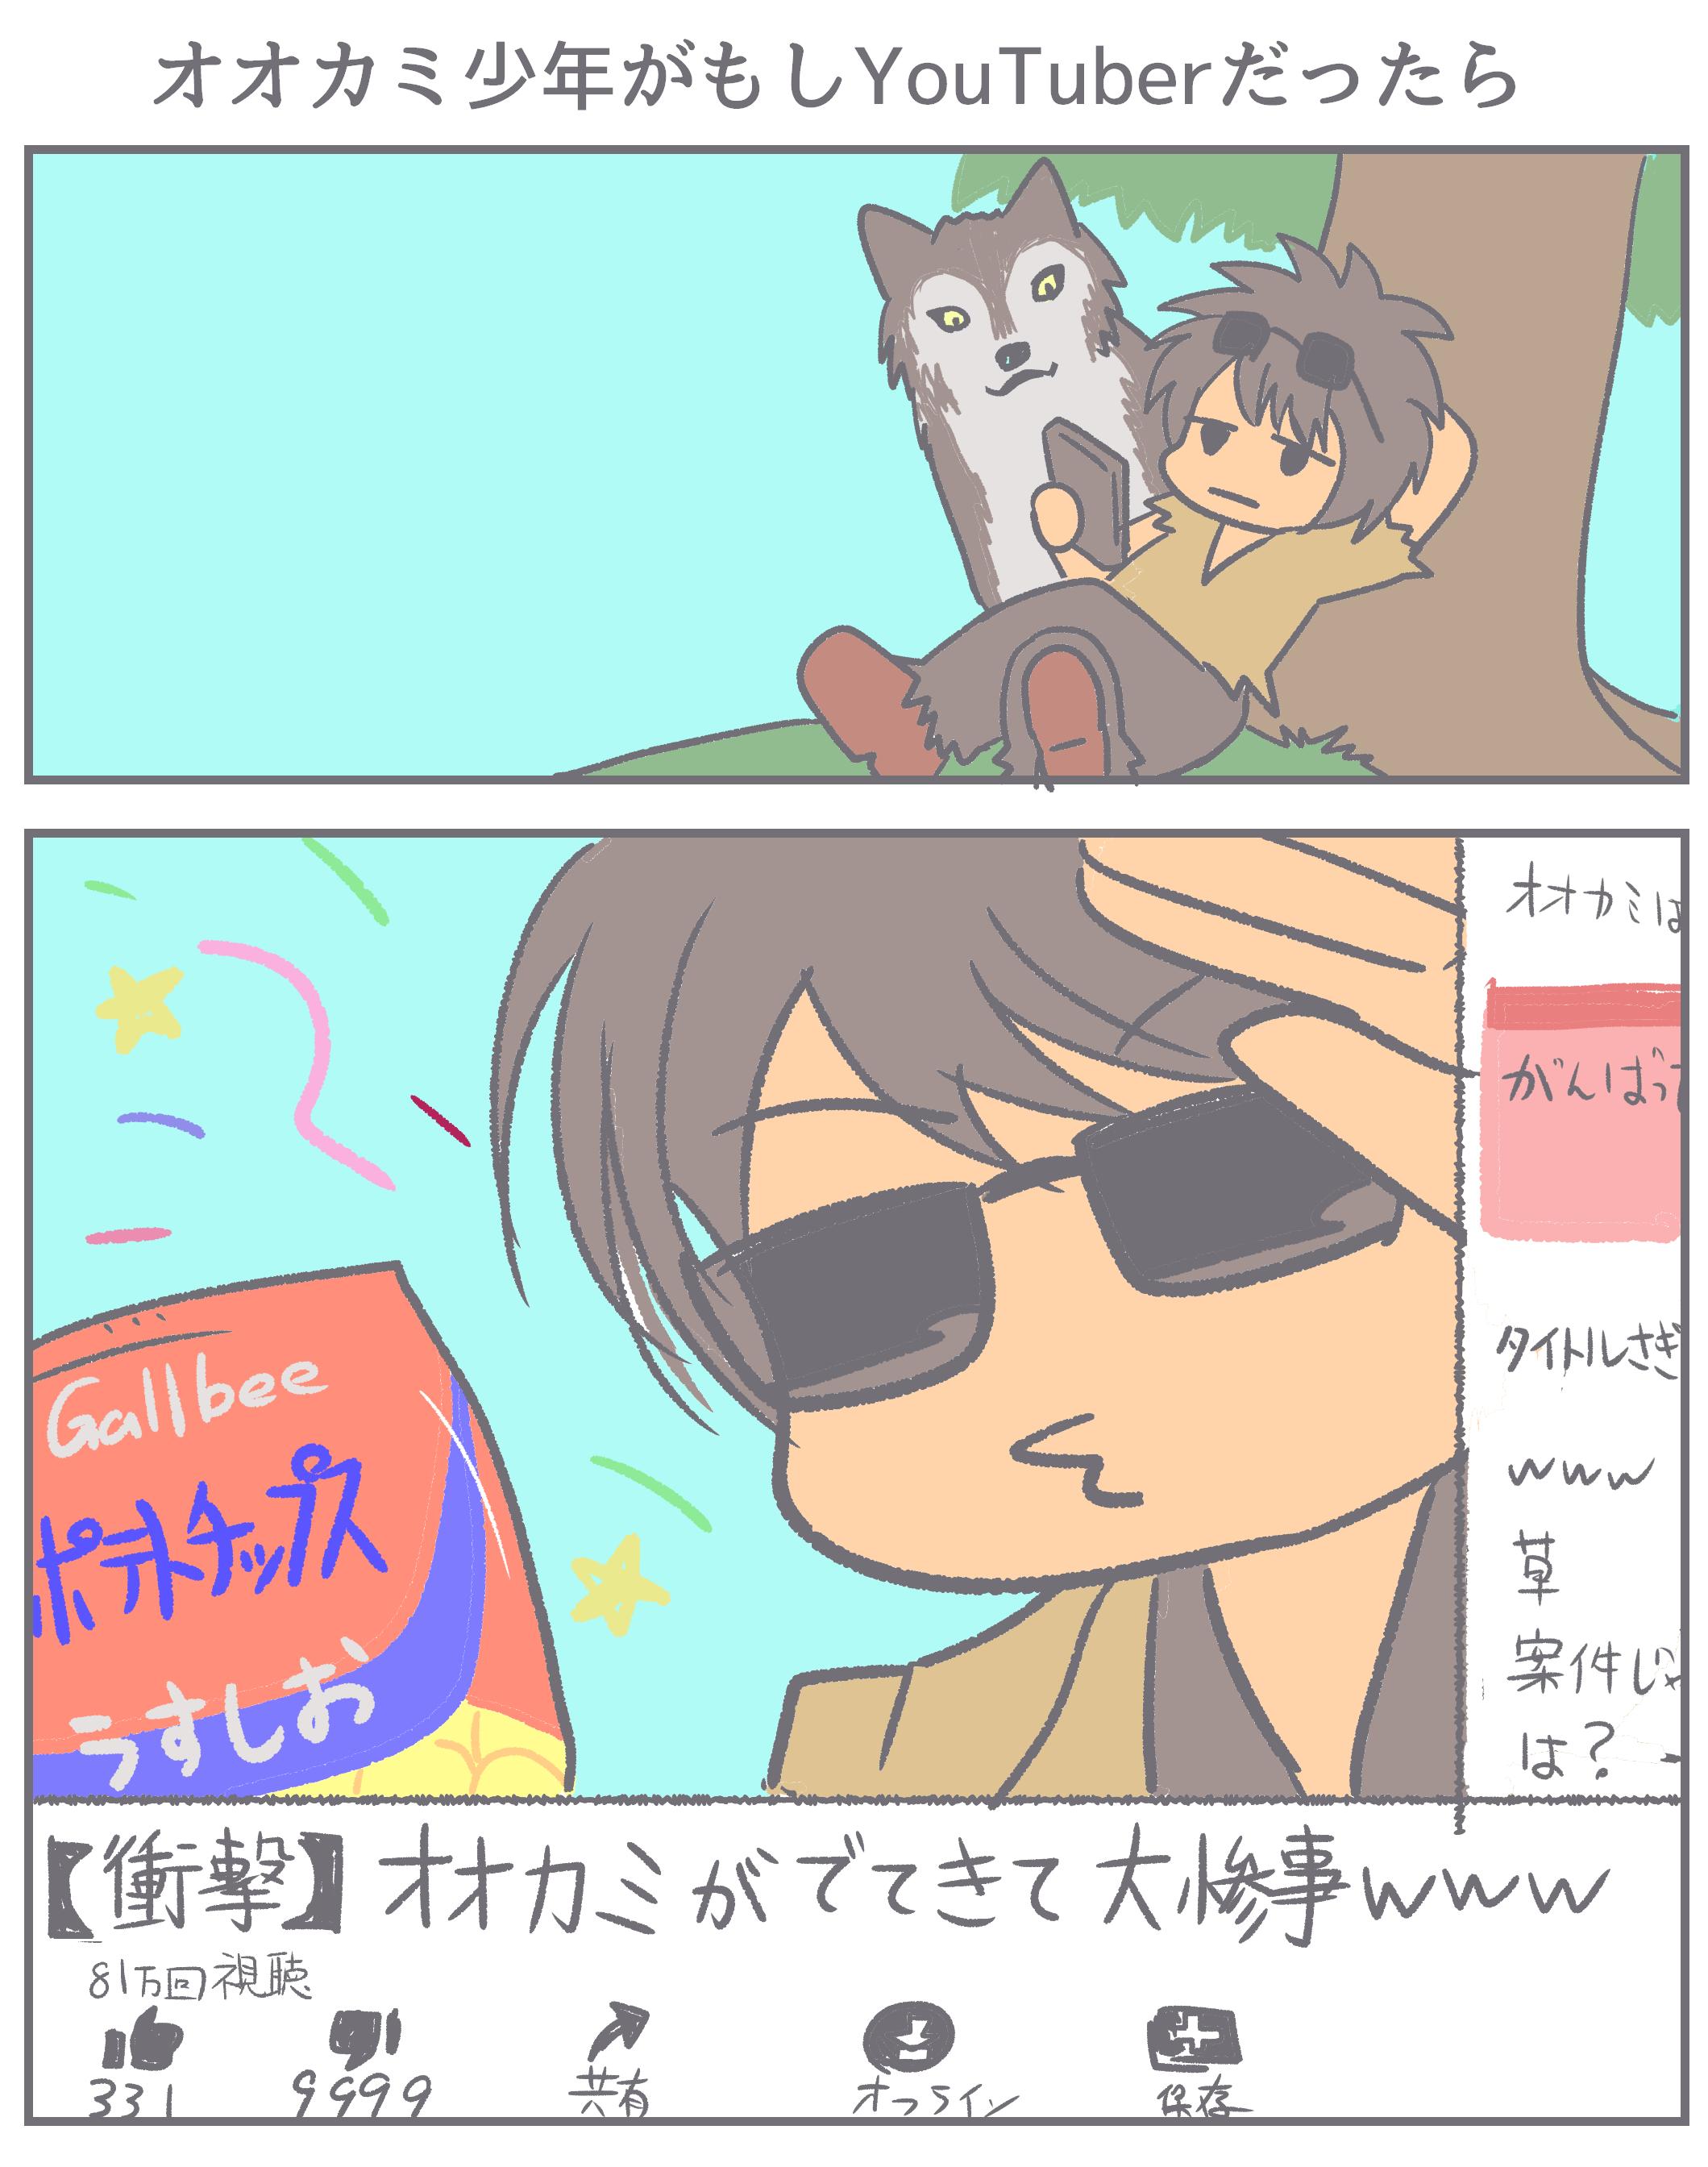 少年 オオカミ